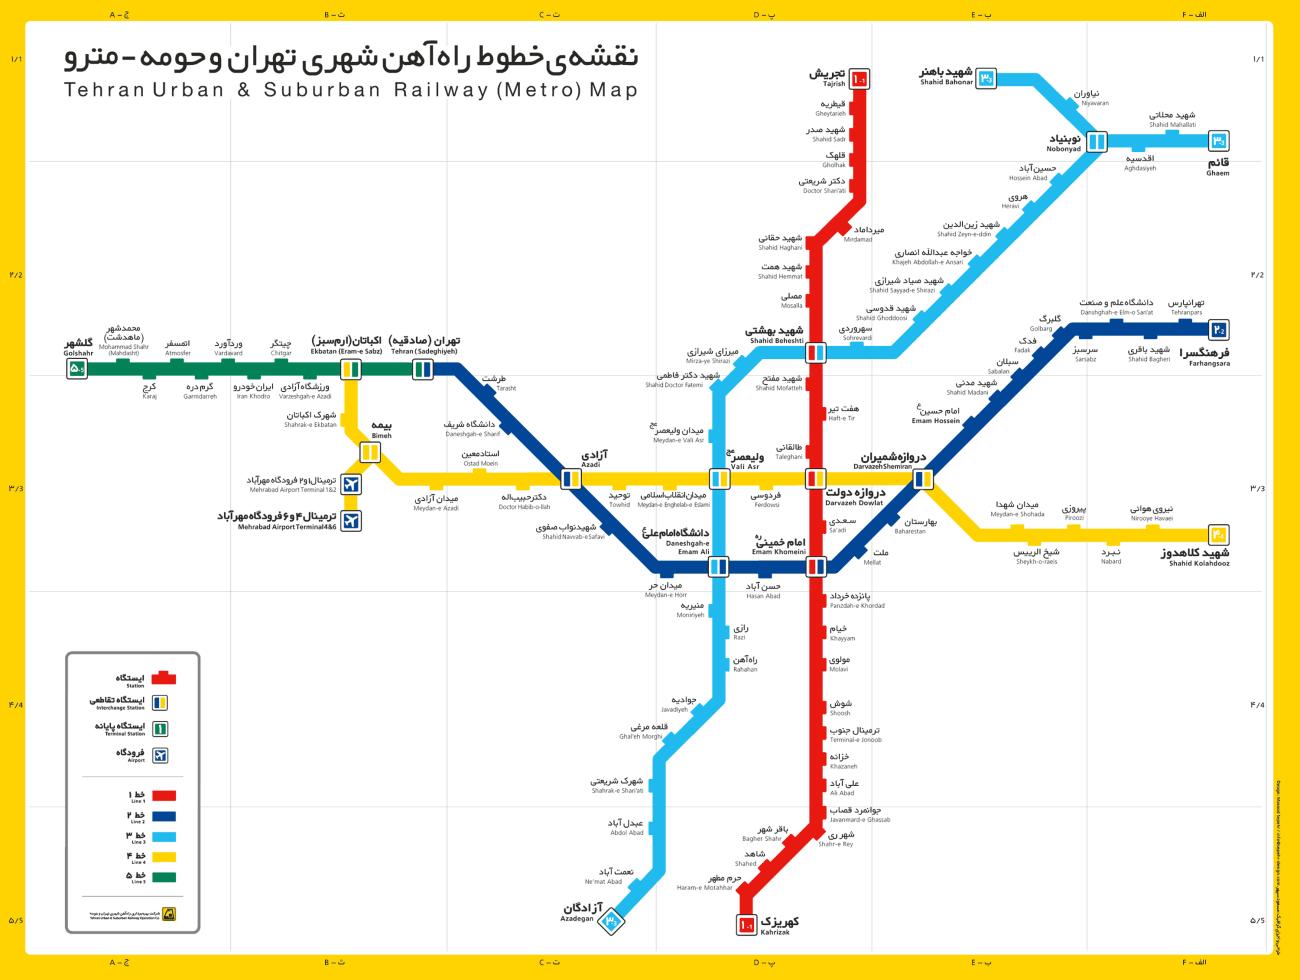 metromapenlarged